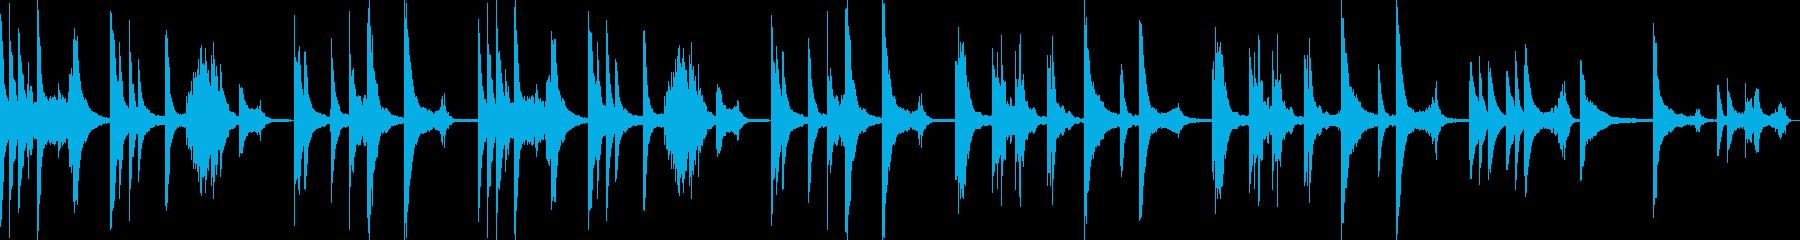 テクスチャーアイス癒しピアノリラックスの再生済みの波形